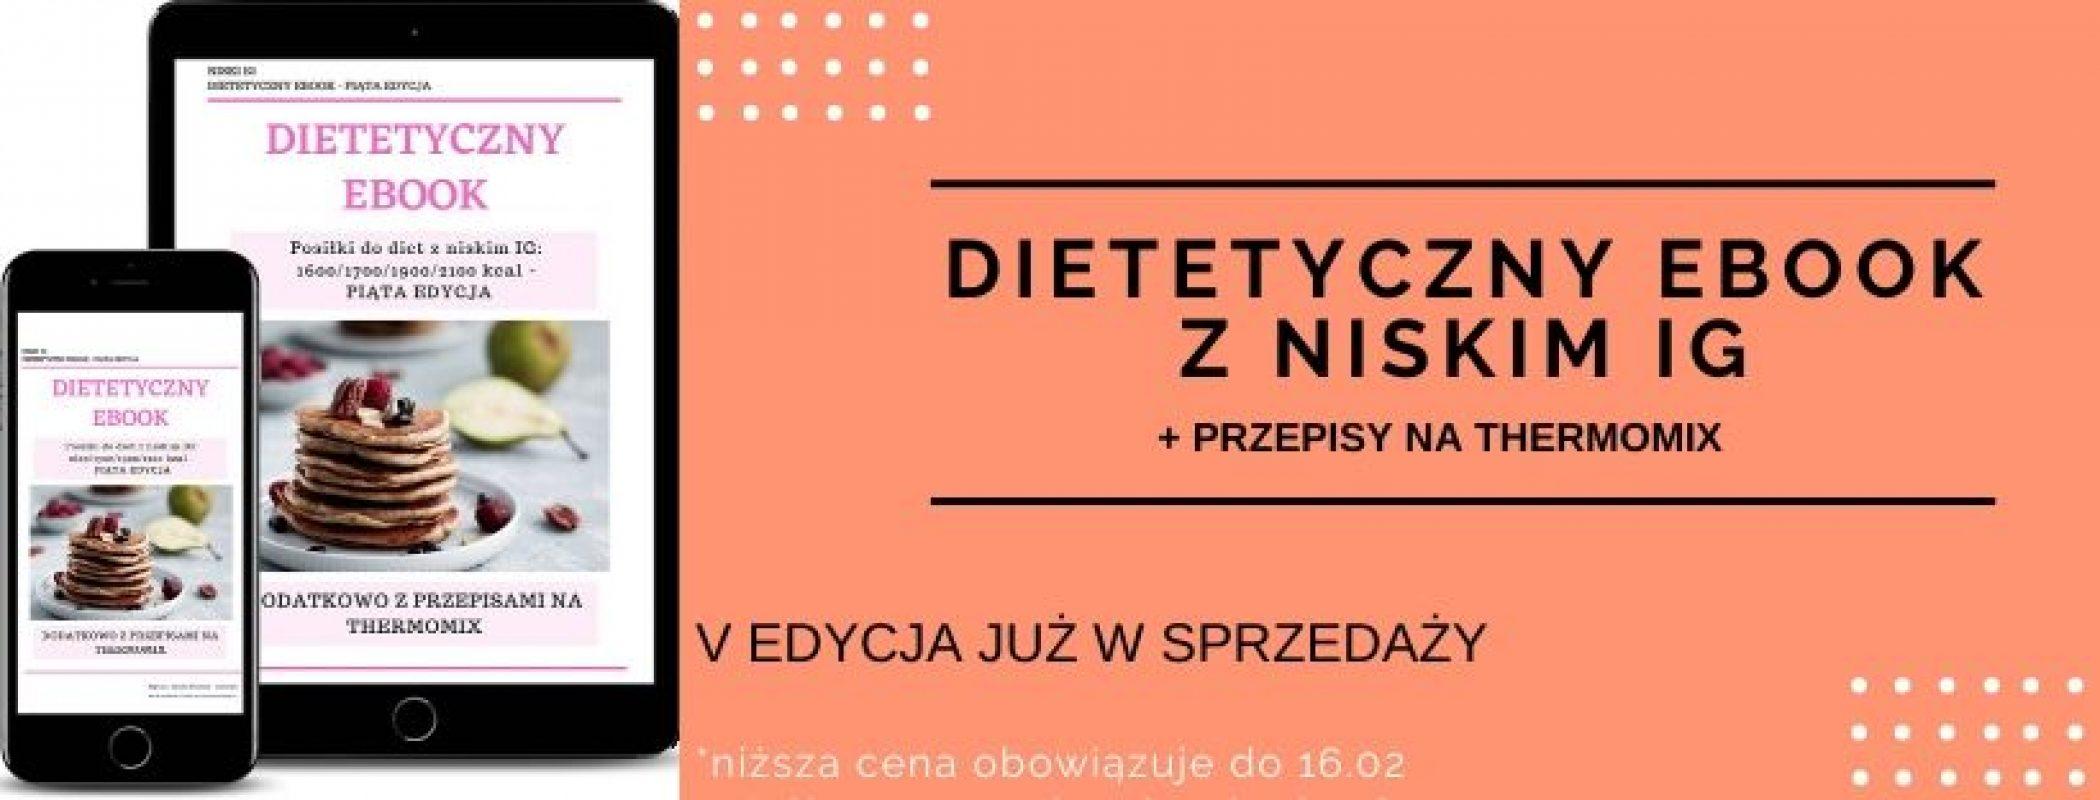 DIETETYCZNY EBOOK NISKI IG V EDYCJA